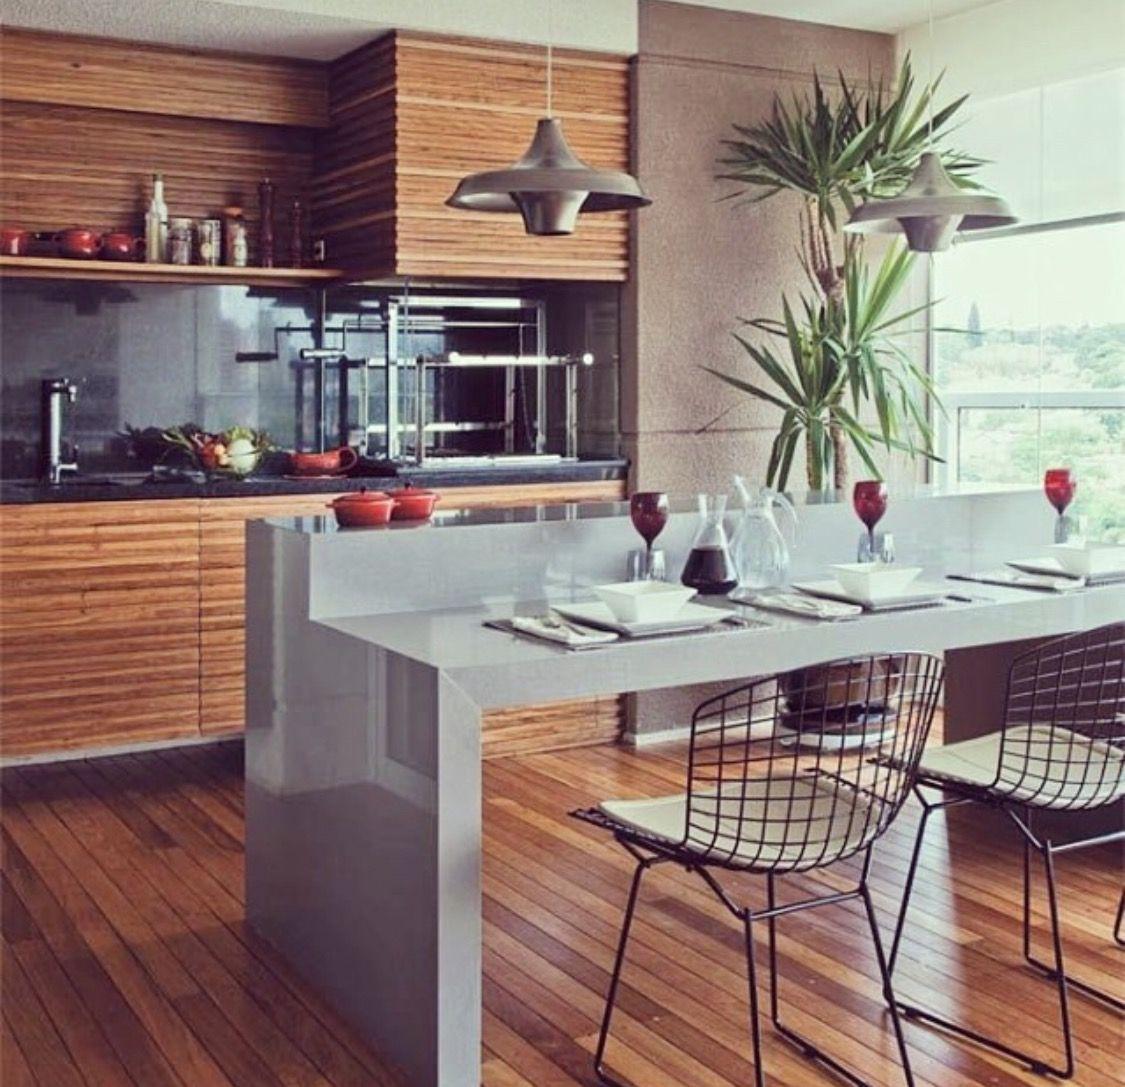 Wunderbar Kücheneinheiten Preise Südafrika Galerie - Küchenschrank ...